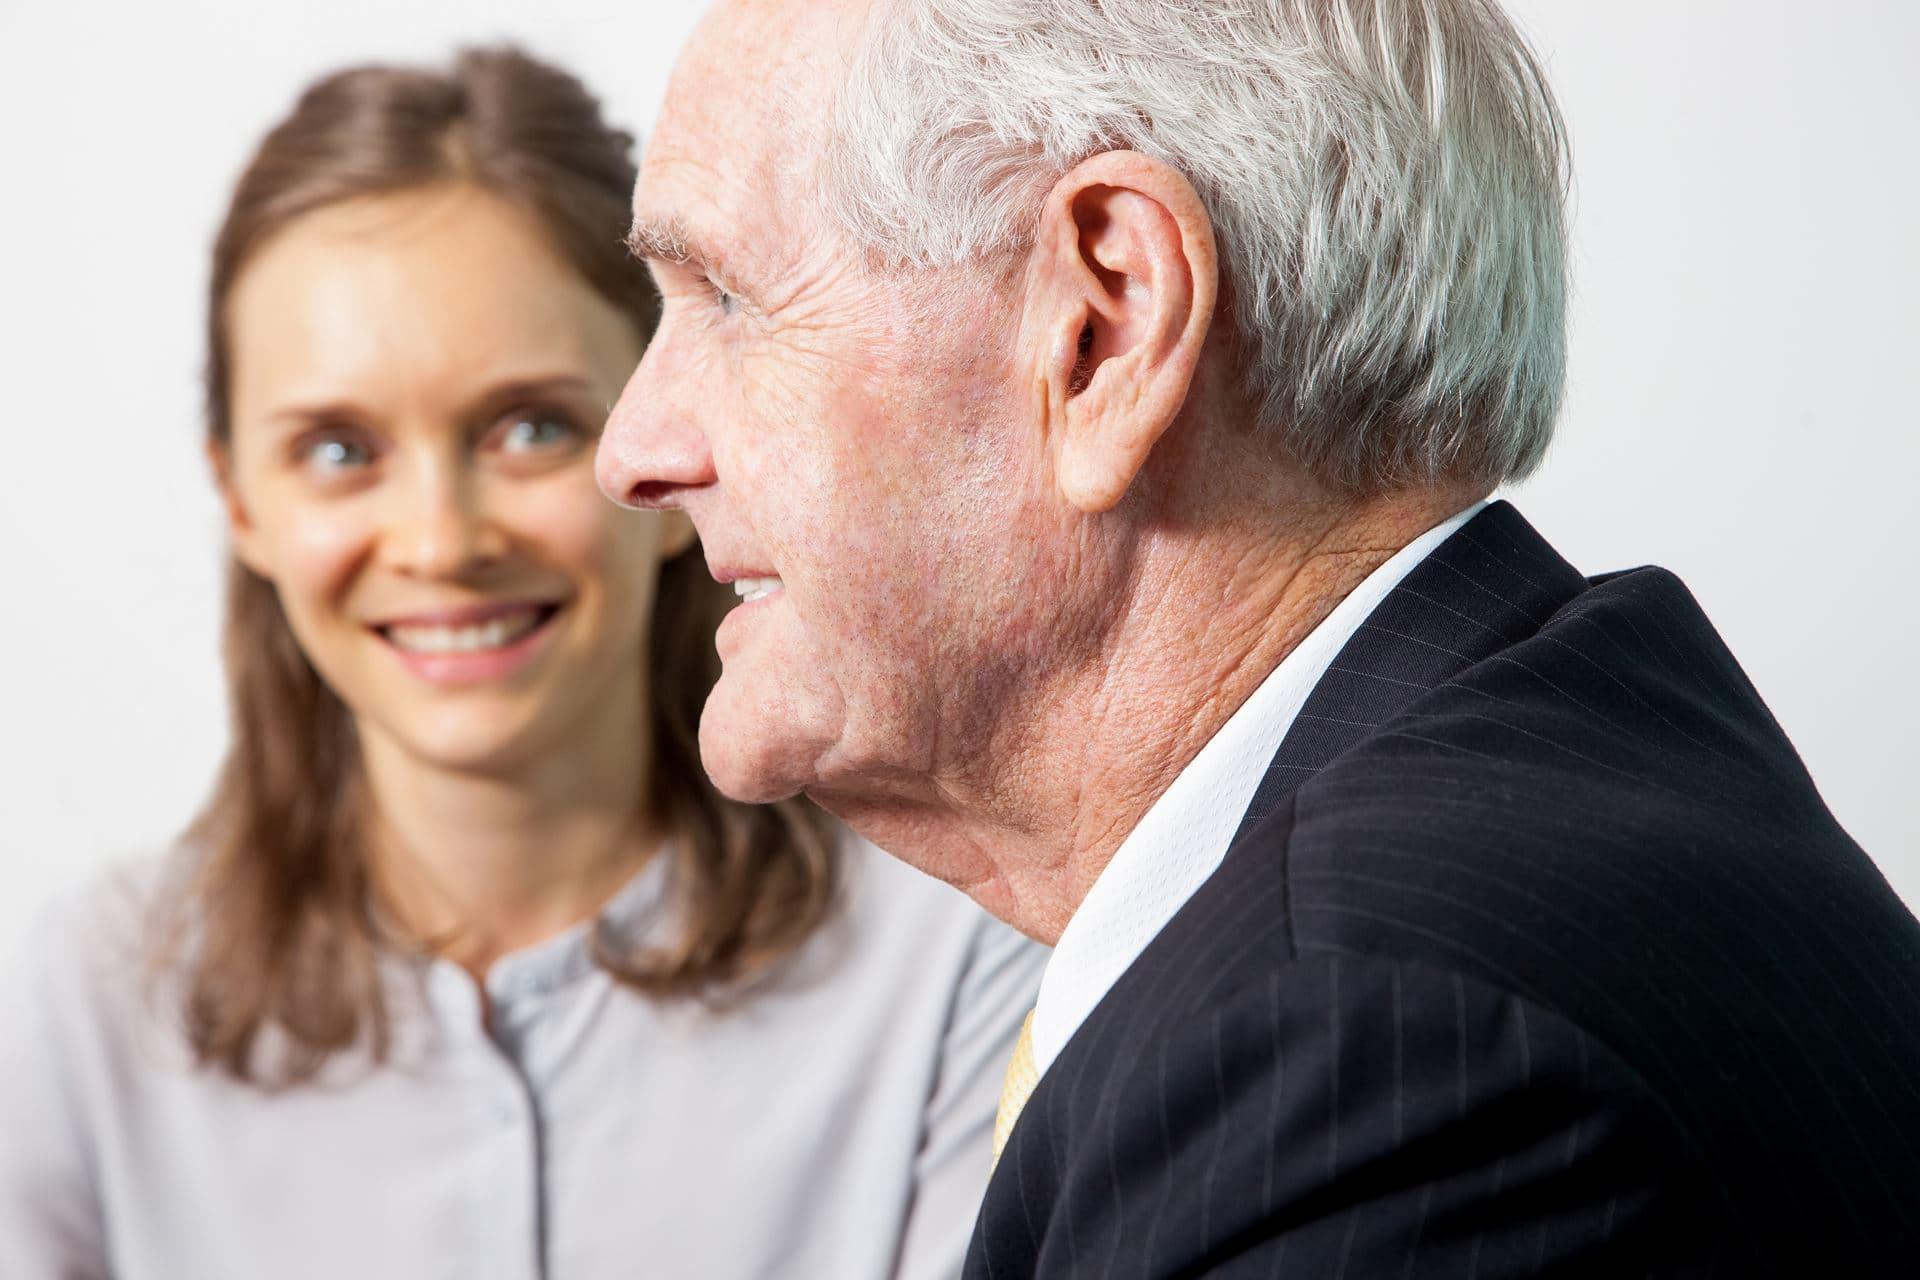 קלינאית תקשורת פרטית ברחובות - Restart Therapy קלינאית תקשורת למבוגרים